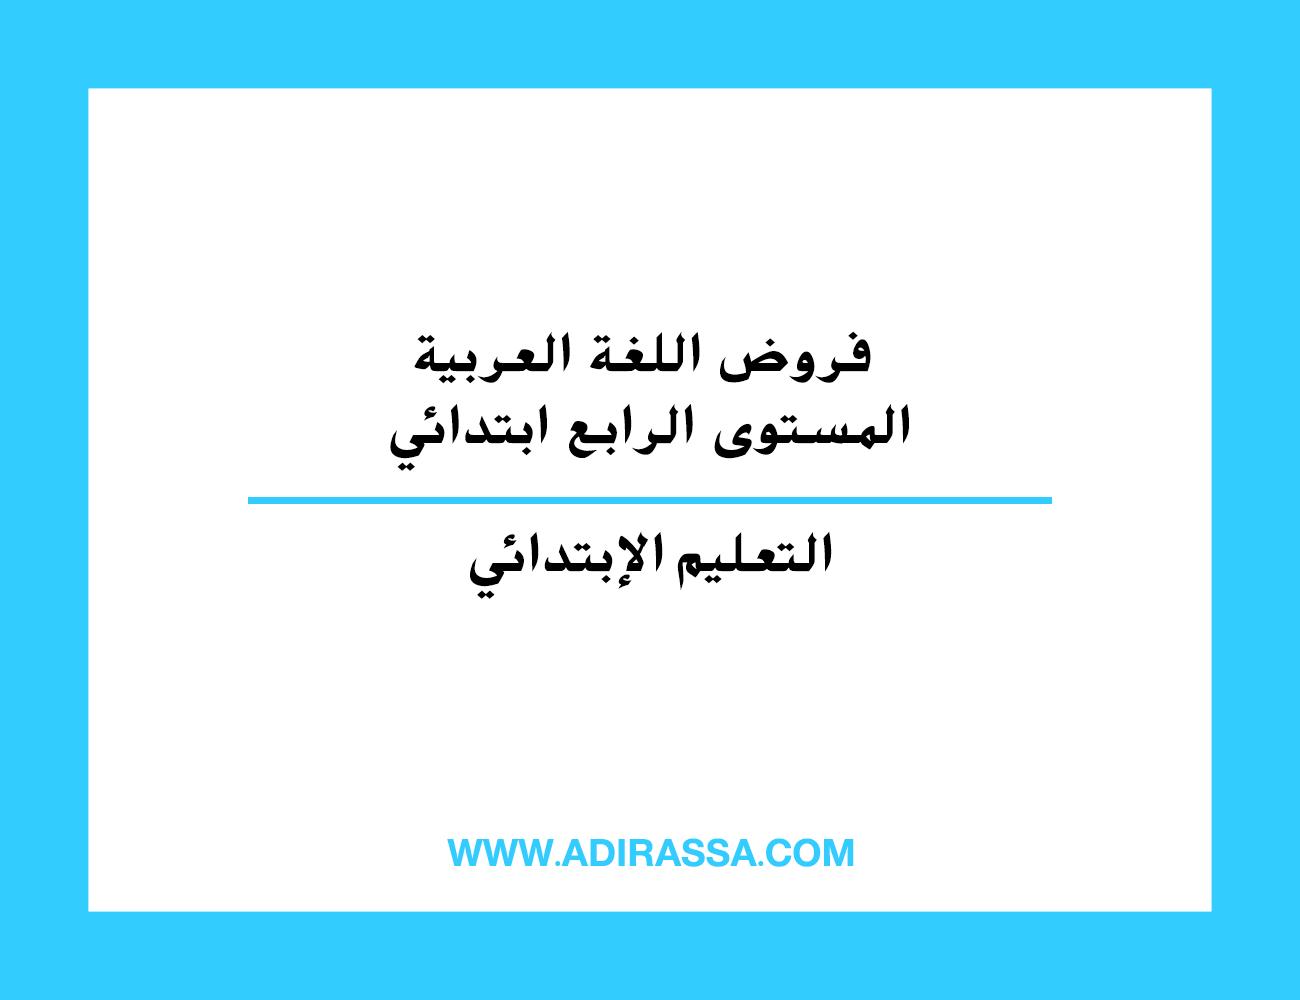 فروض اللغة العربية المستوى الرابع ابتدائي في المدرسة المغربية